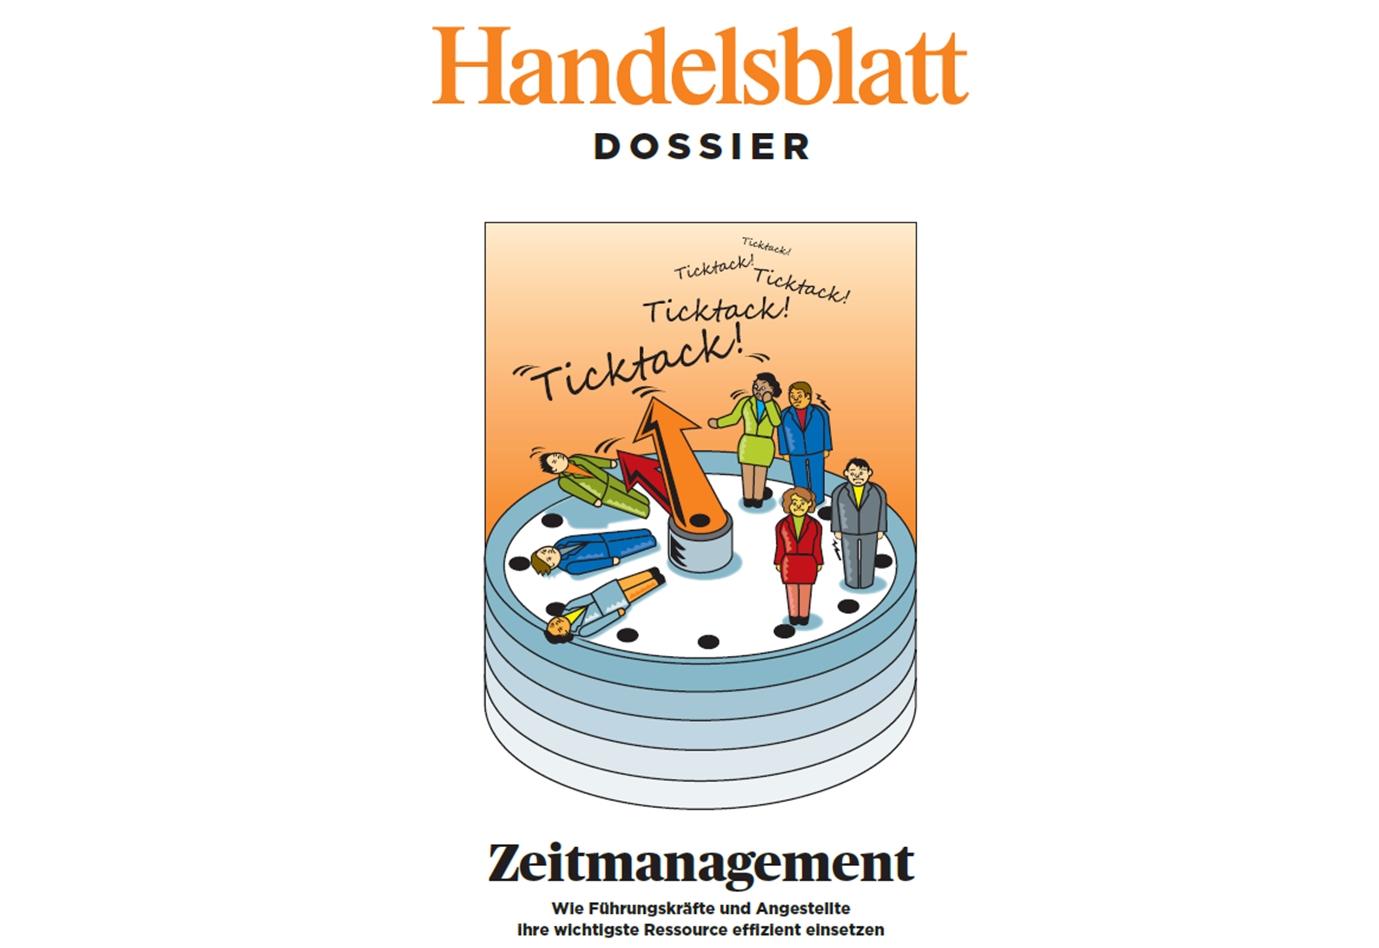 Handelsblatt Dossier Zeitmanagement - mit Experten-Tipps von Cordula Nussbaum